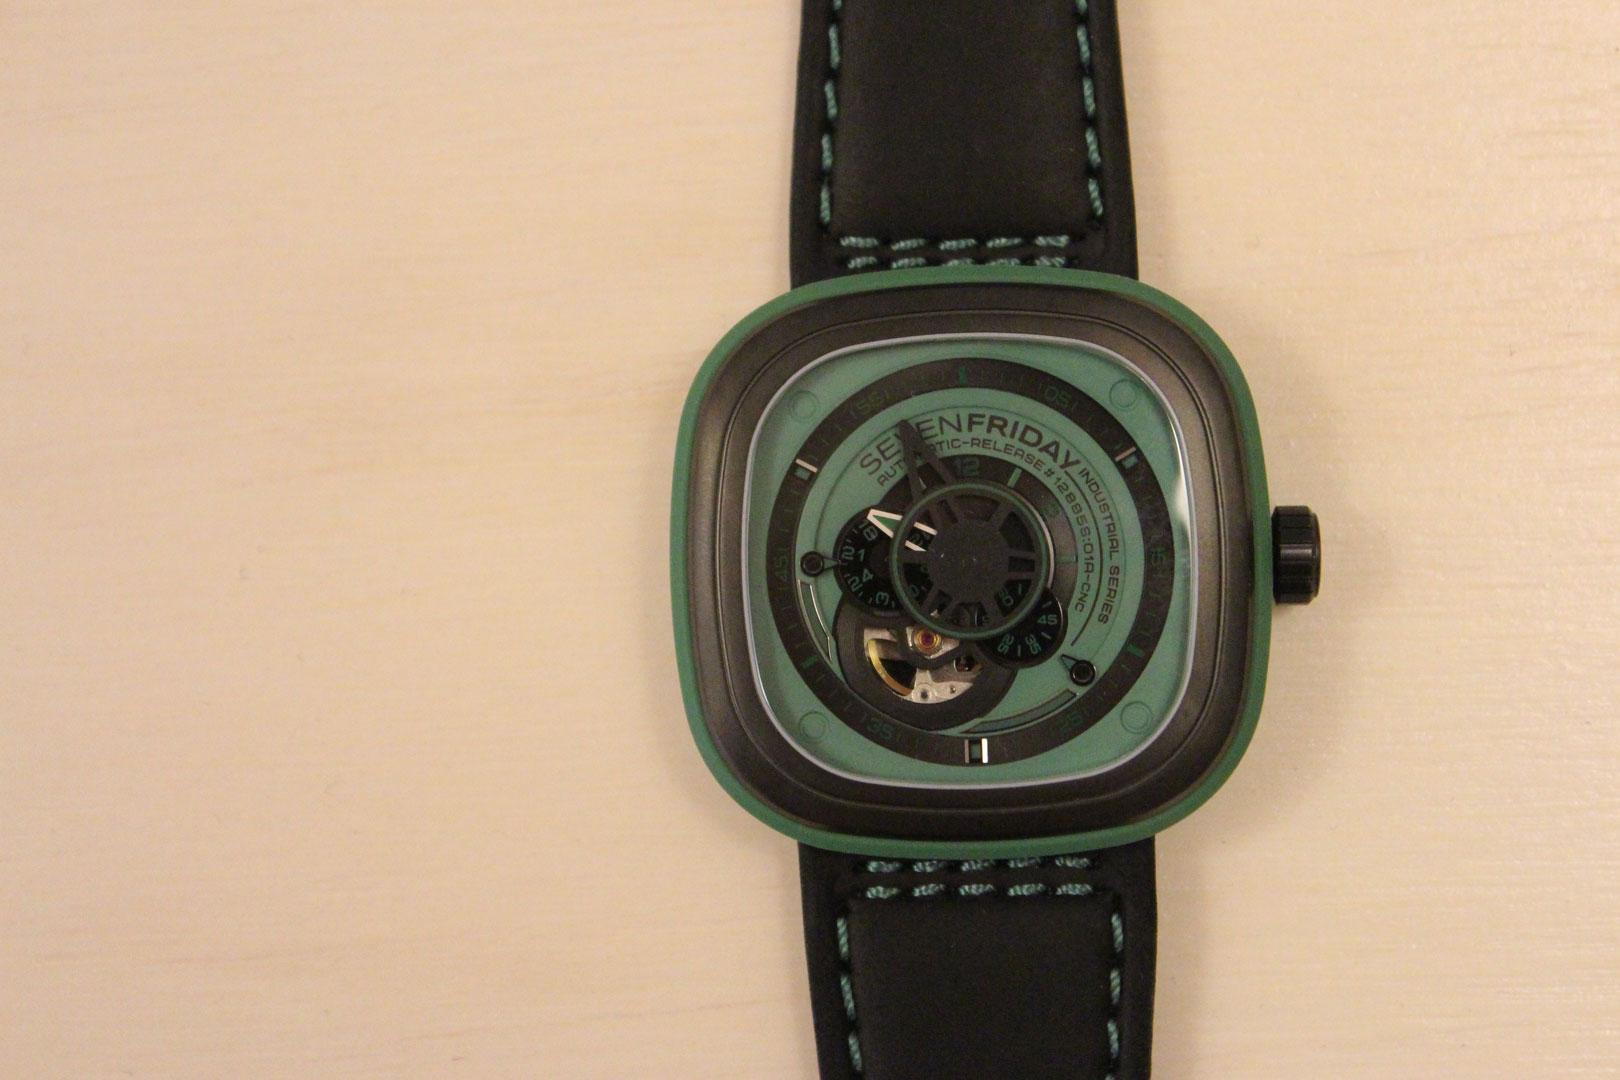 Sevenfriday-green